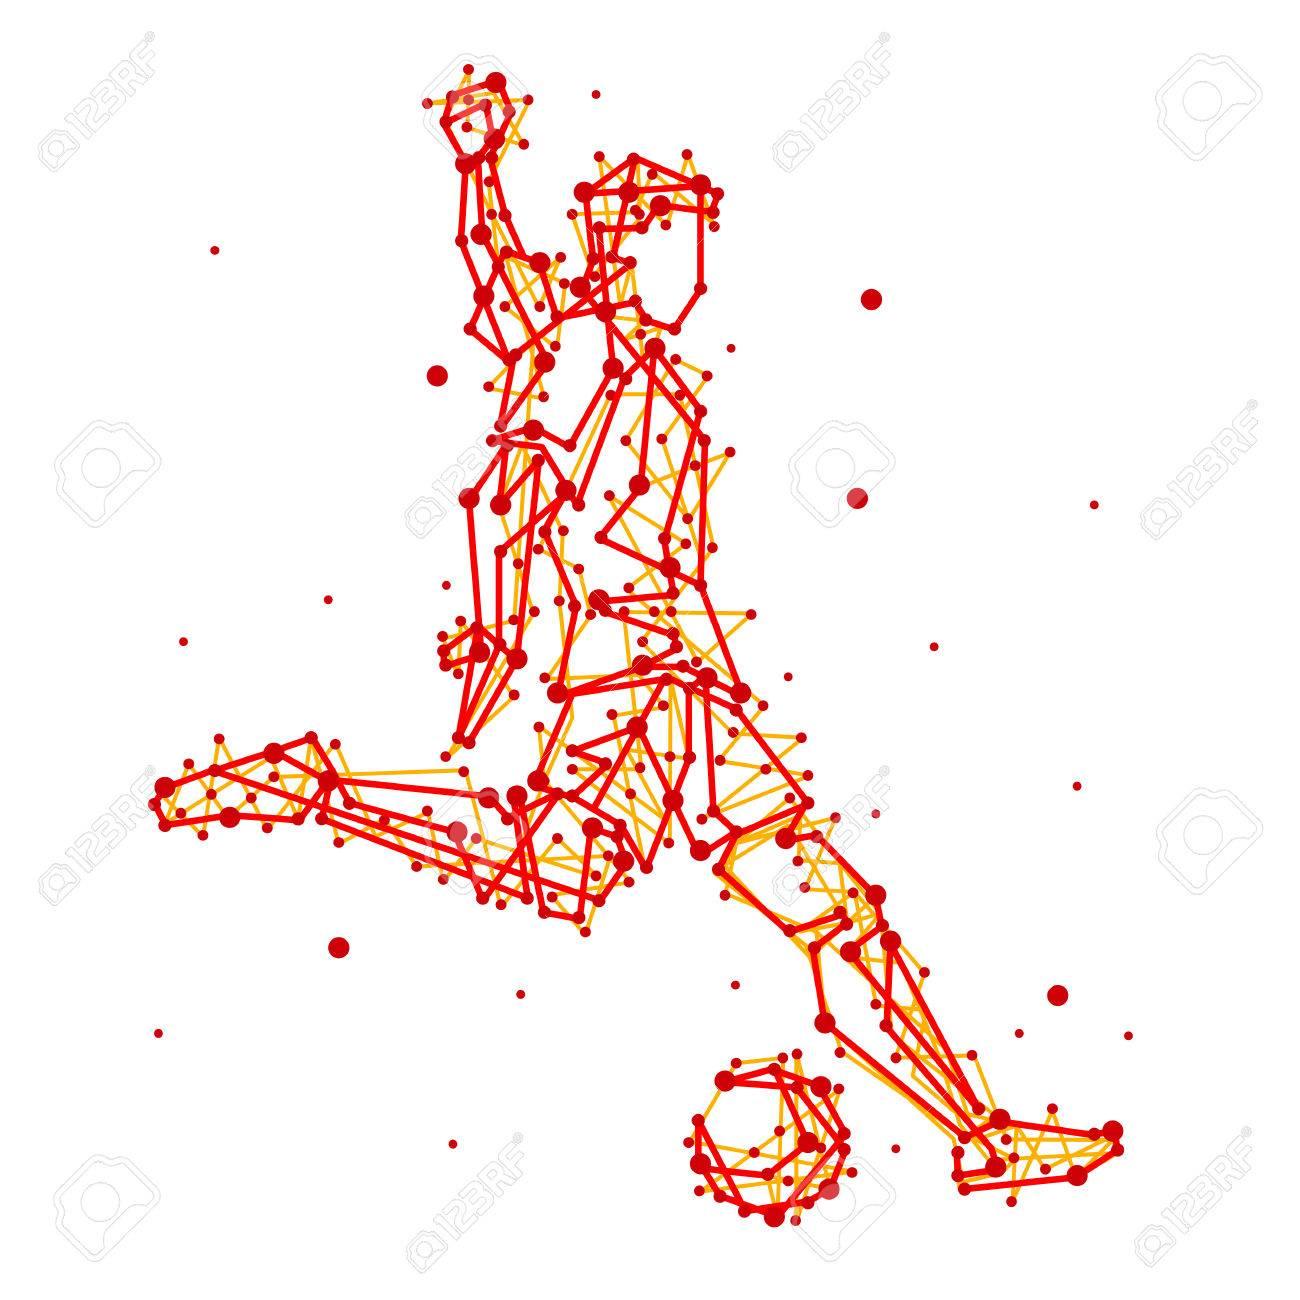 孤立した背景に抽象的なサッカー選手のイラスト実行キック攻撃します